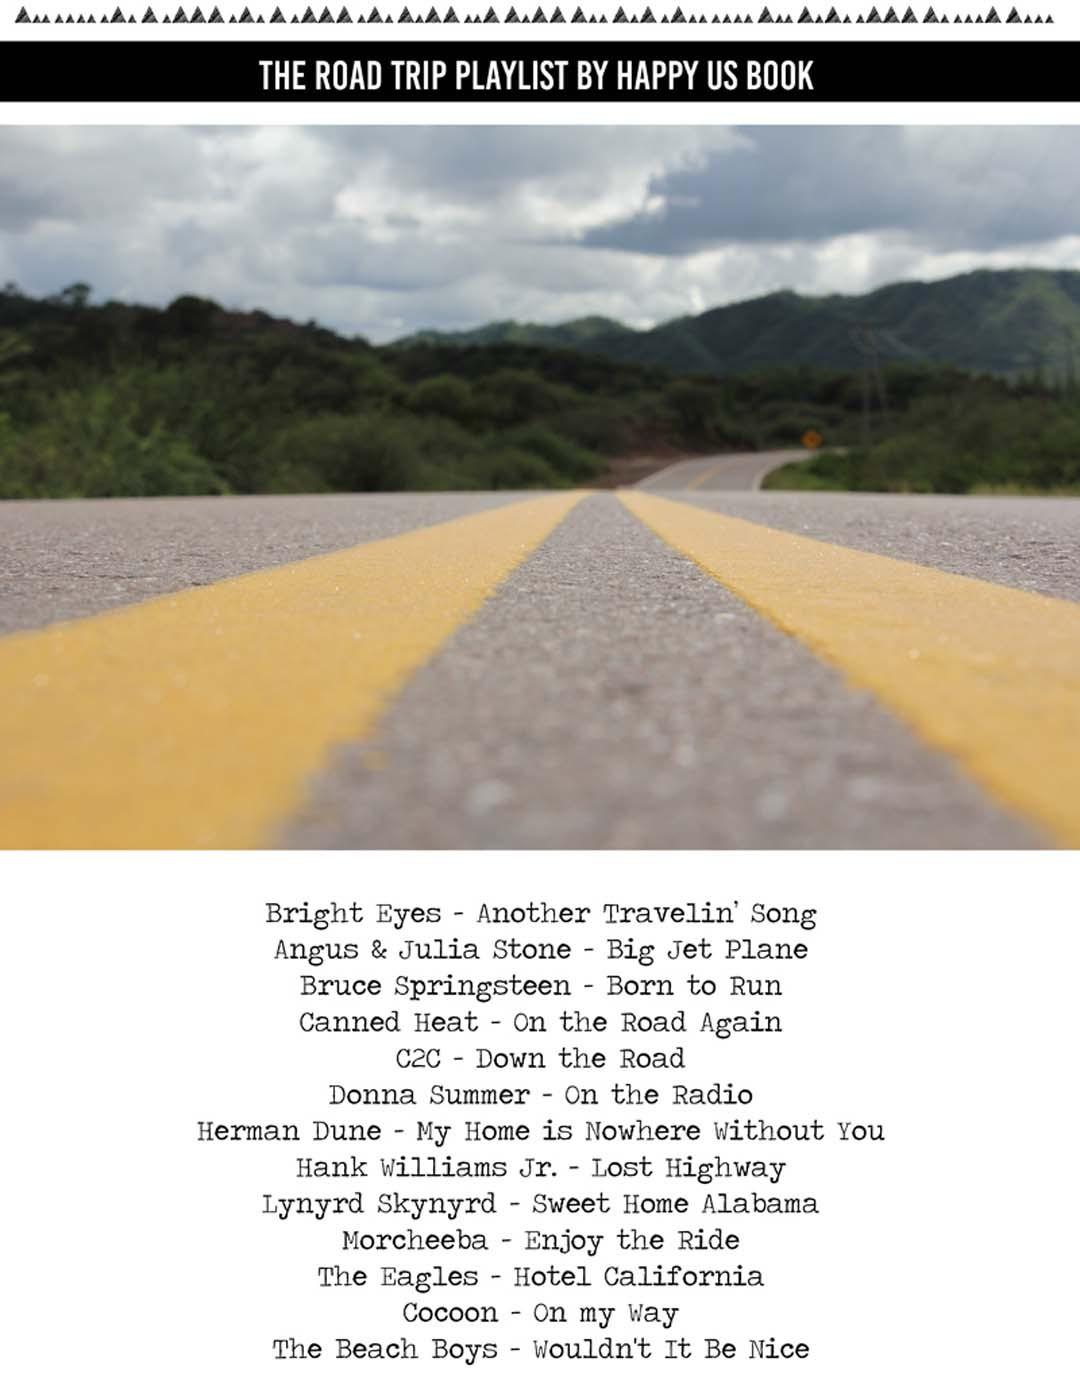 Roadtrip playlist